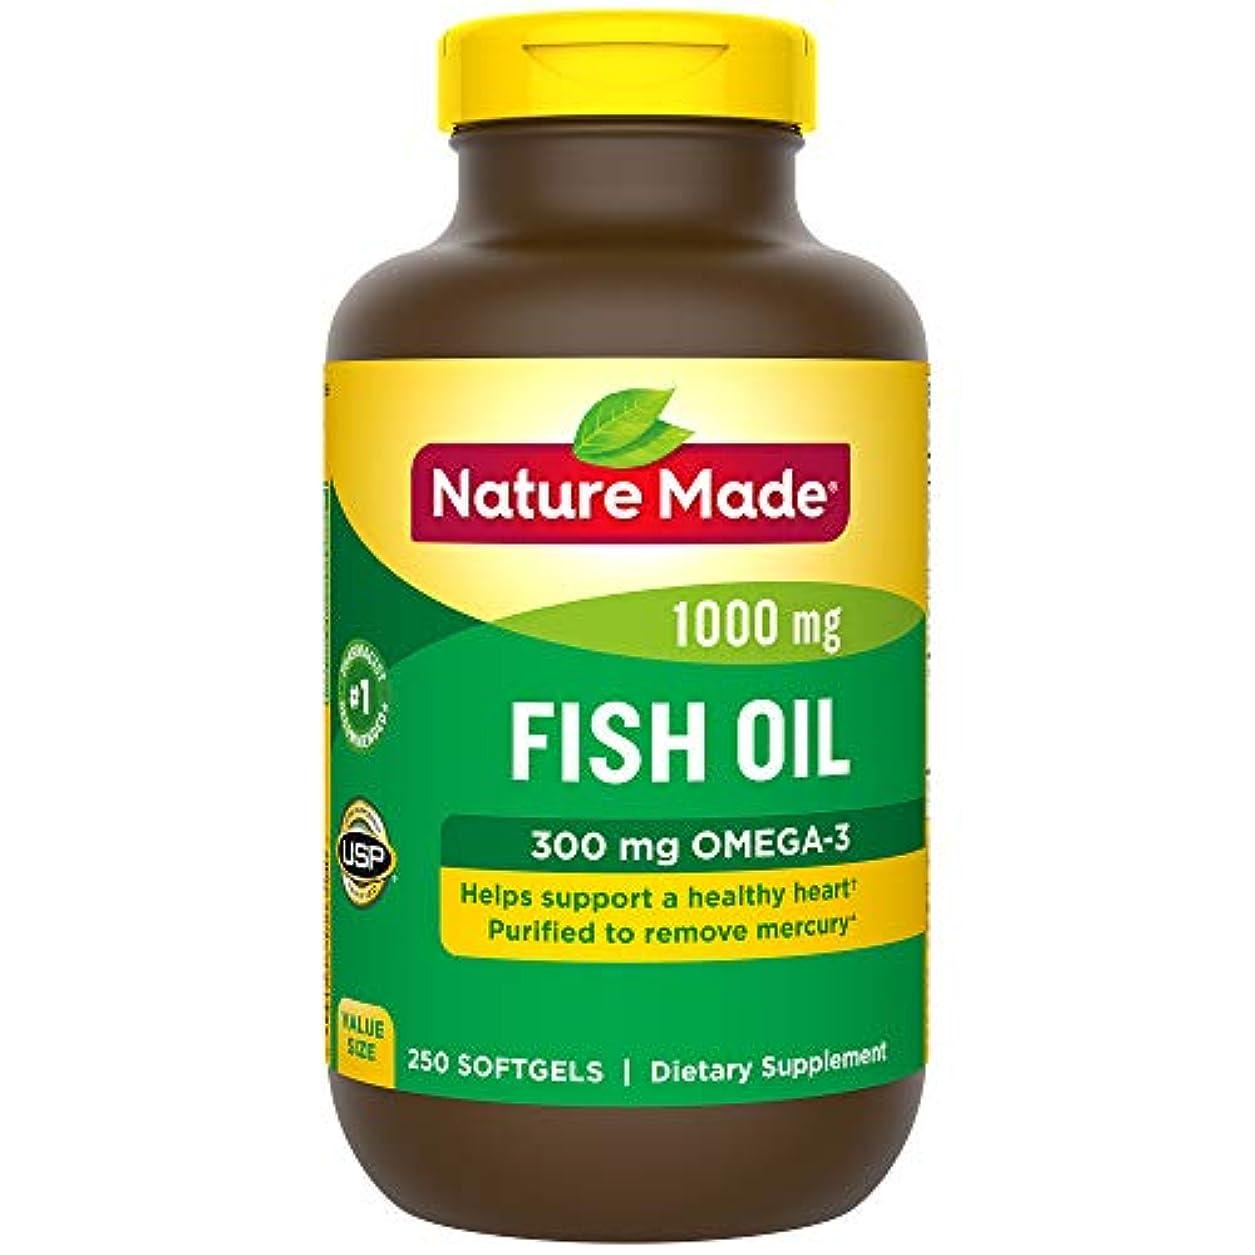 ポット膿瘍突破口Nature Made Fish Oil 1000 Mg, Value Size, Softgels, 250-Count 海外直送品